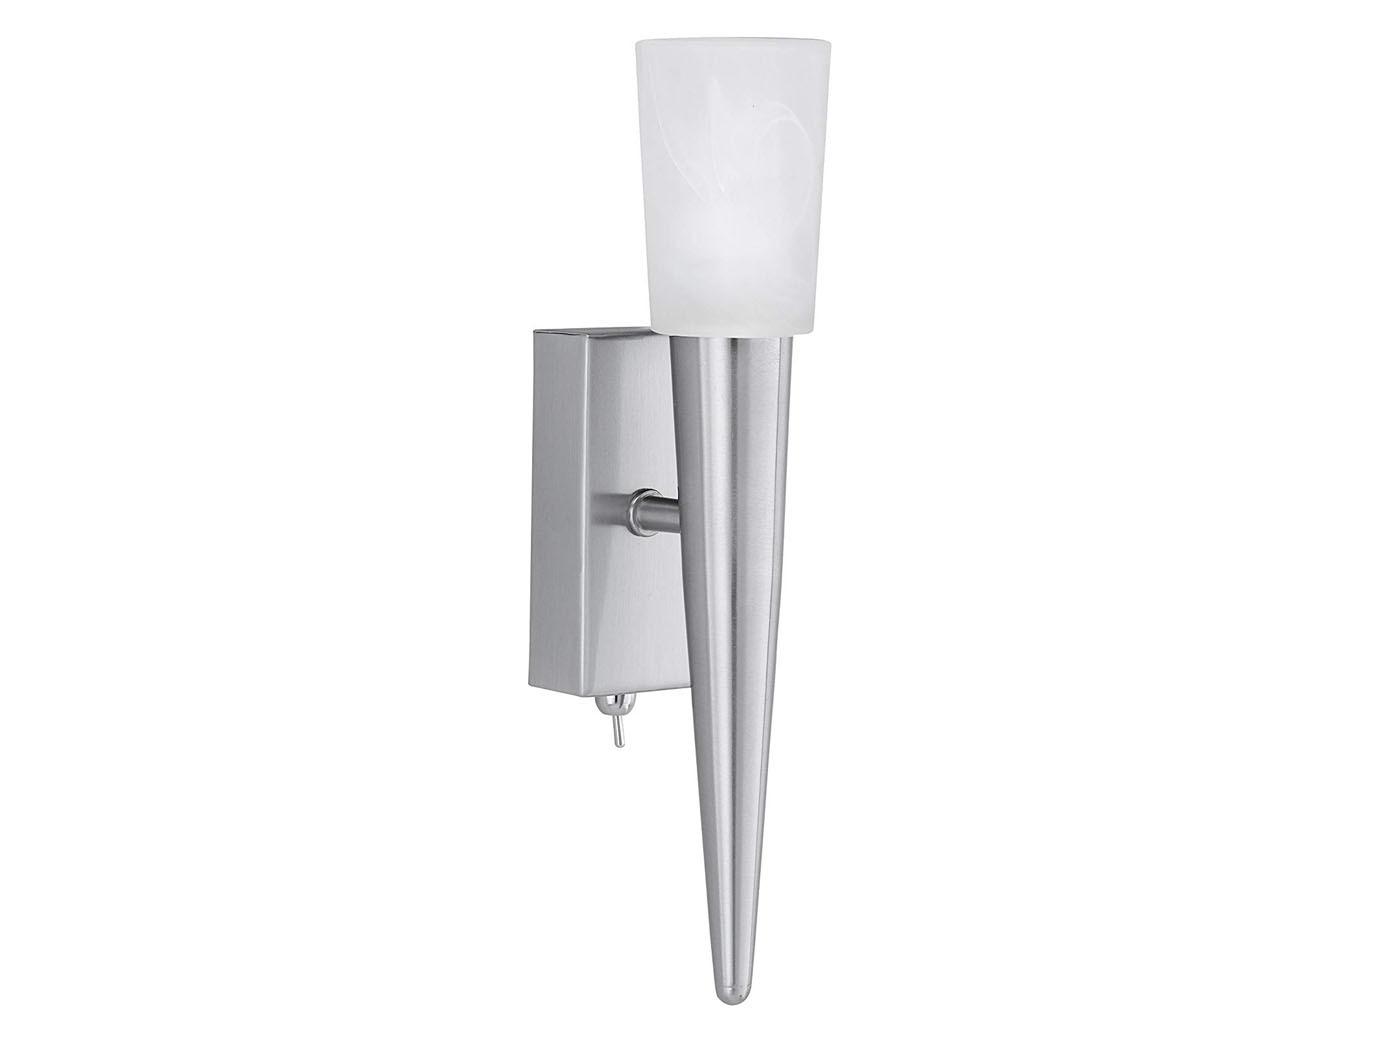 Halogen Wandbeleuchtung Glas Alabaster Nickel matt Trio-Leuchten Höhe 27 cm